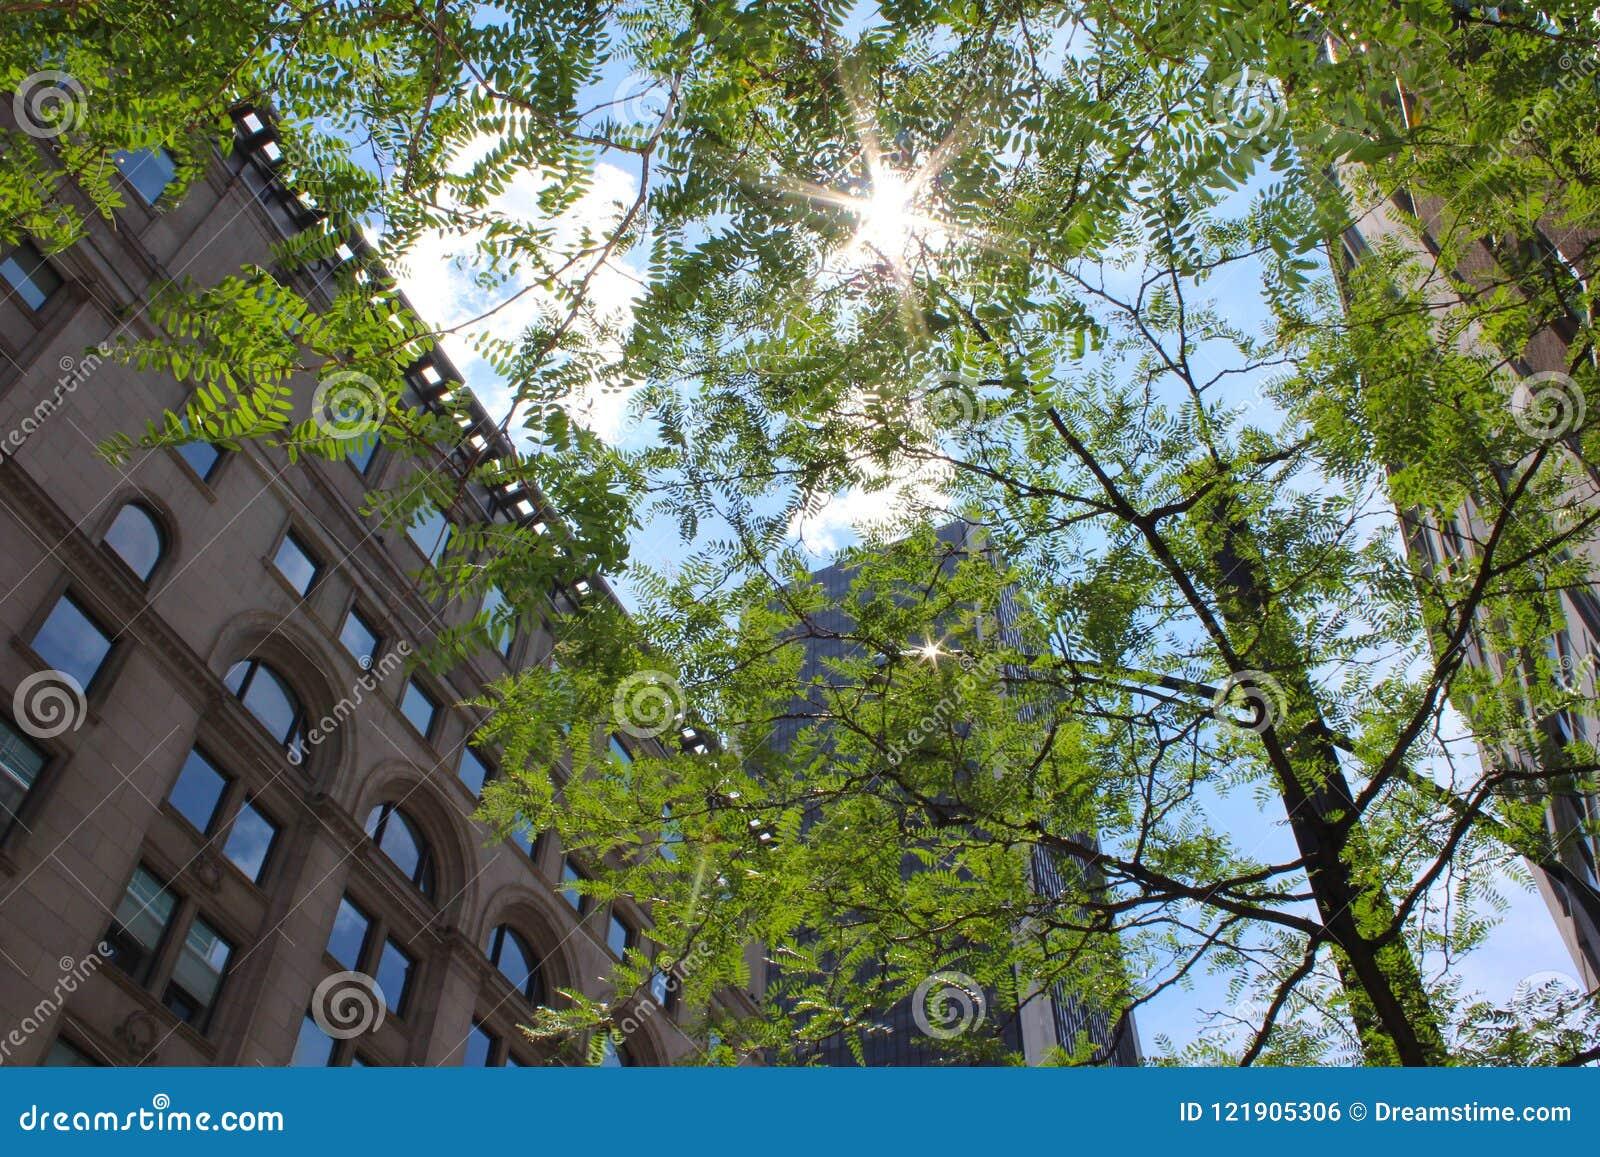 发光通过树一个精美机盖的太阳位于街市蒙特利尔,加拿大,伴随于附近的大厦